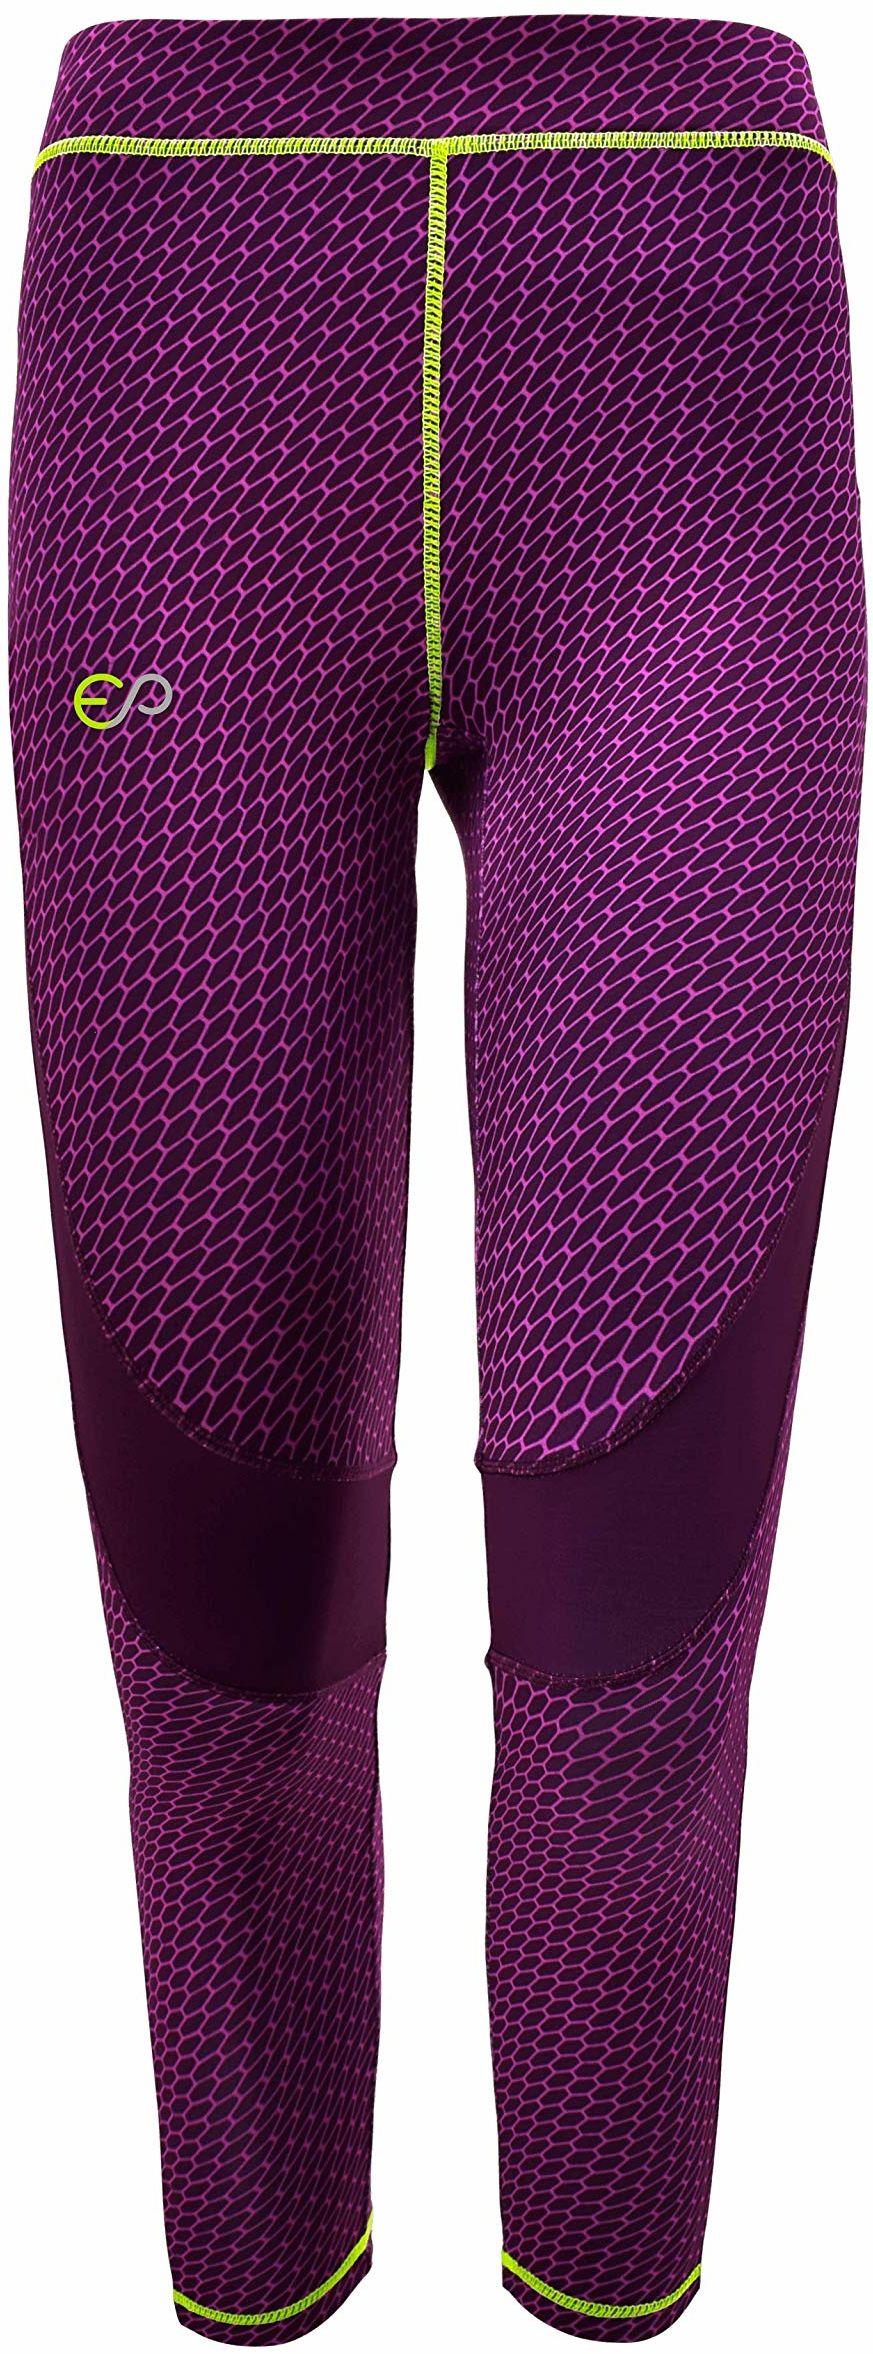 ElPlayer damskie spodnie na nadgarstek, fioletowe/Giallo Fluo, XS